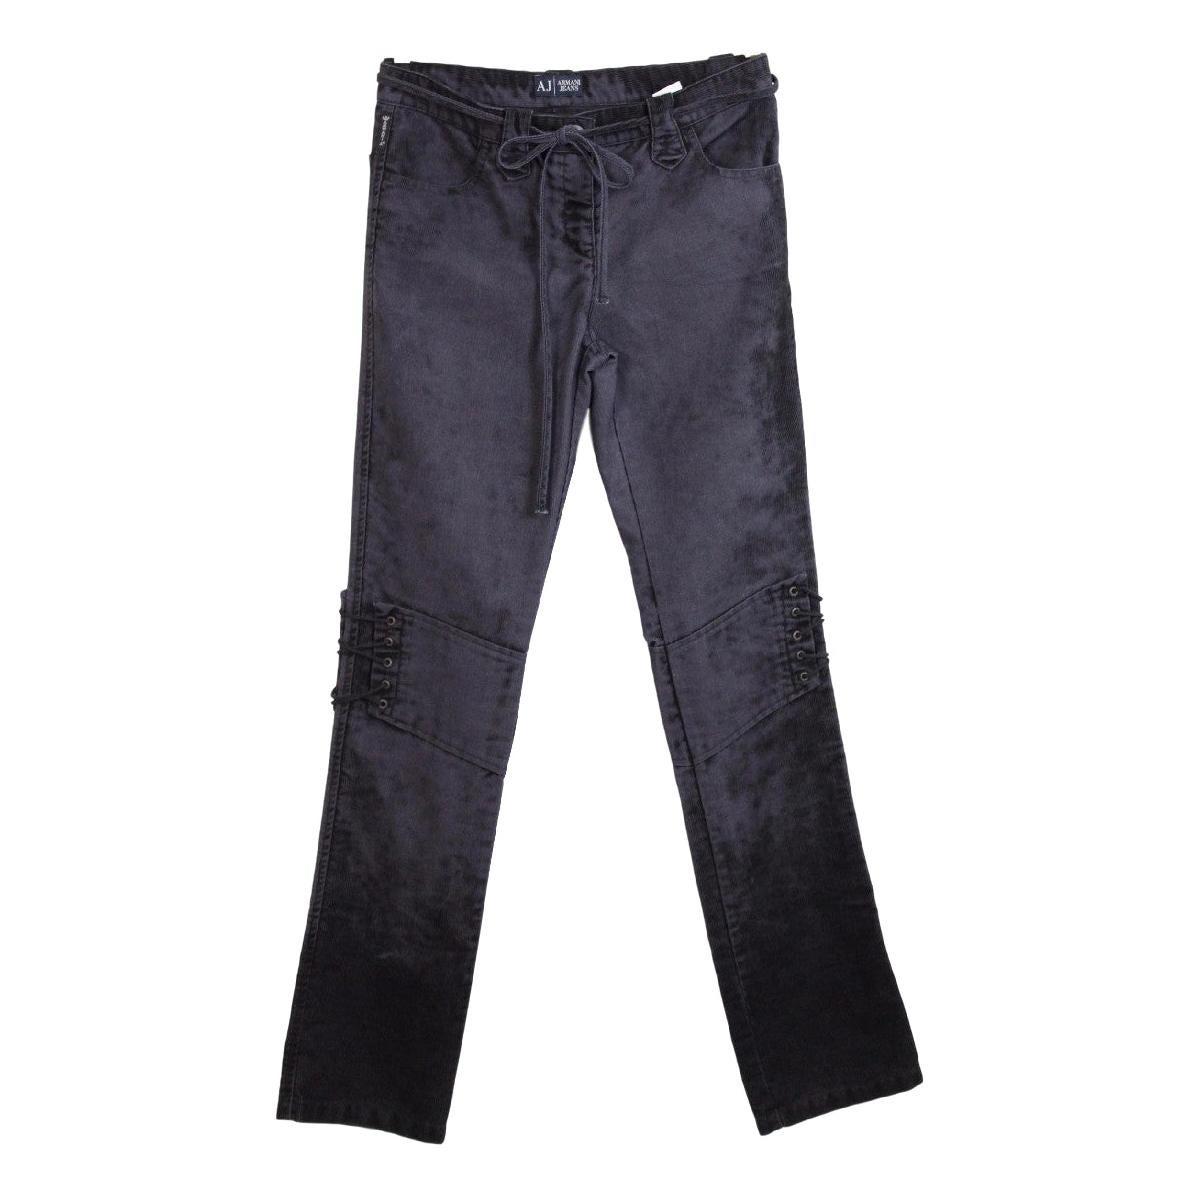 Armani Black Cotton Classic Trousers